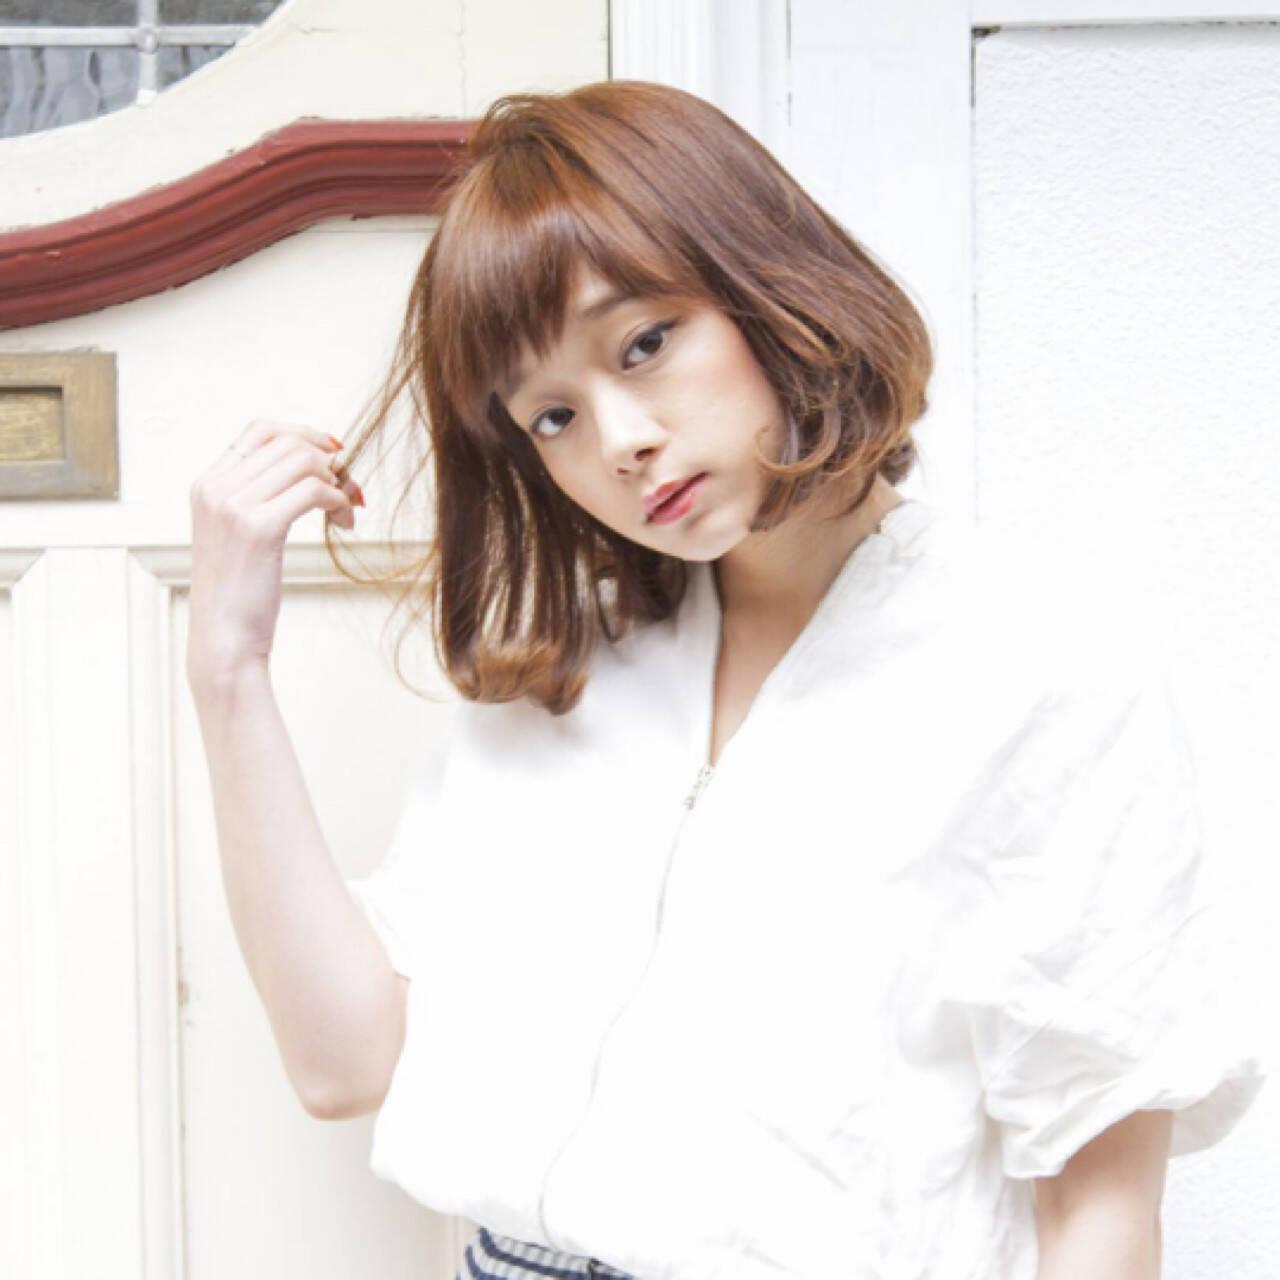 前髪あり 色気 フェミニン ボブヘアスタイルや髪型の写真・画像